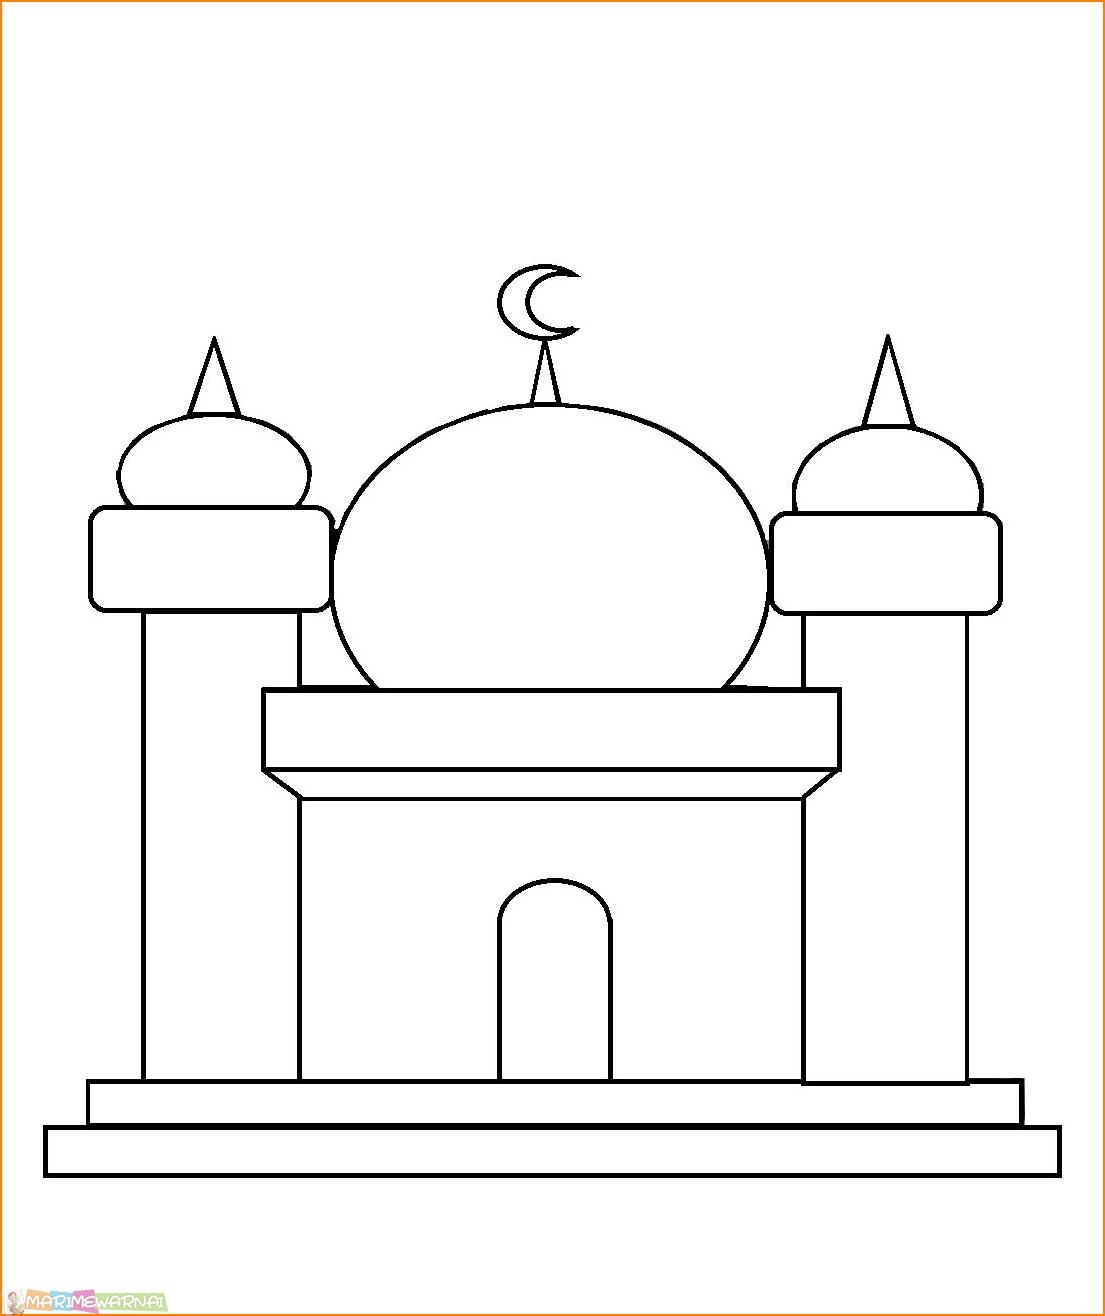 Mewarnai Gambar Masjid Untuk Anak Tk Mewarnai Cerita Terbaru Lucu Sedih Humor Kocak Romantis